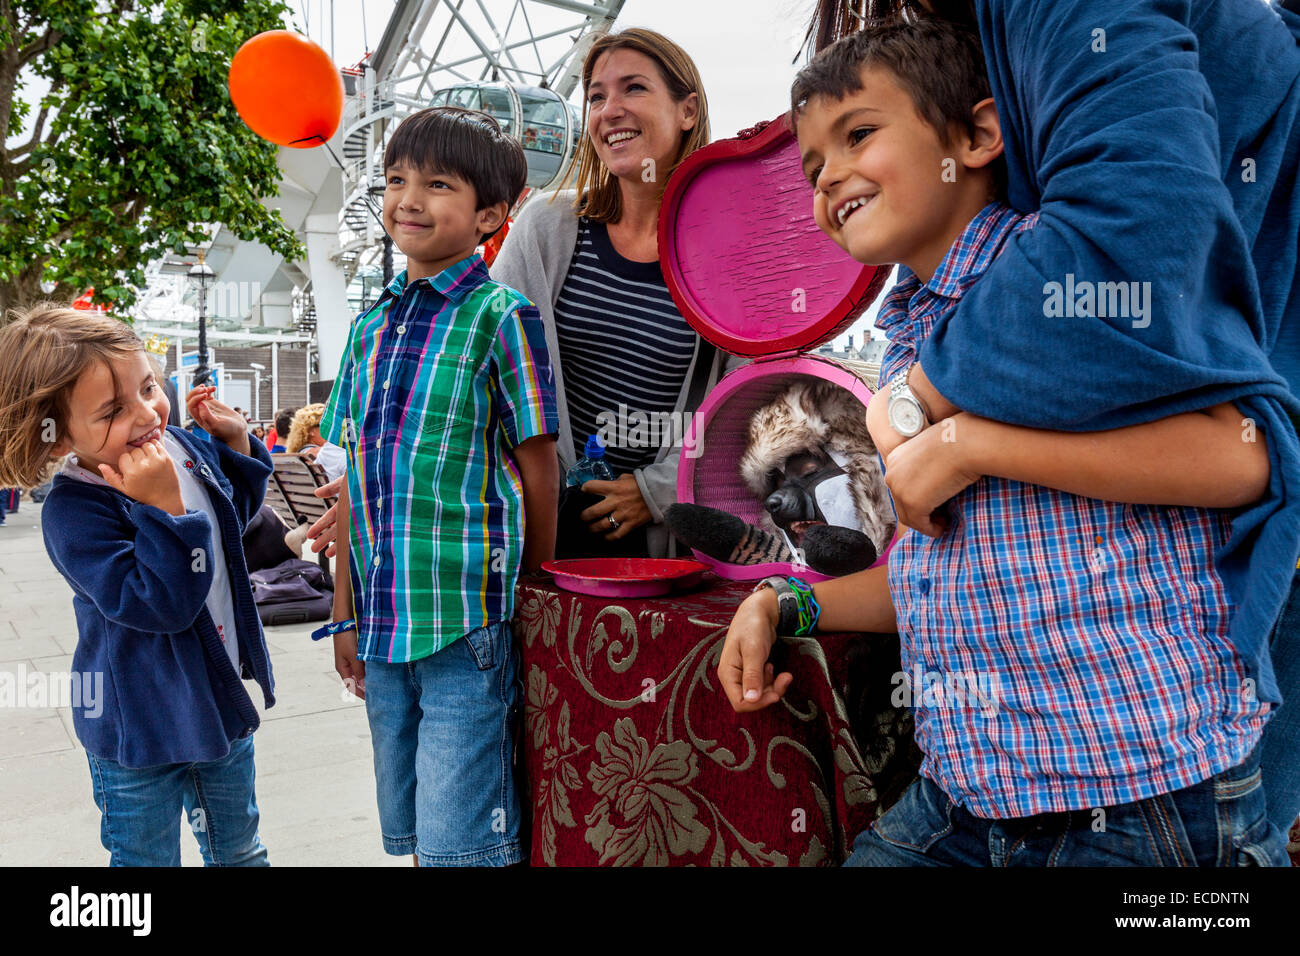 Une famille pose avec un artiste de rue au South Bank, Londres, Angleterre Banque D'Images